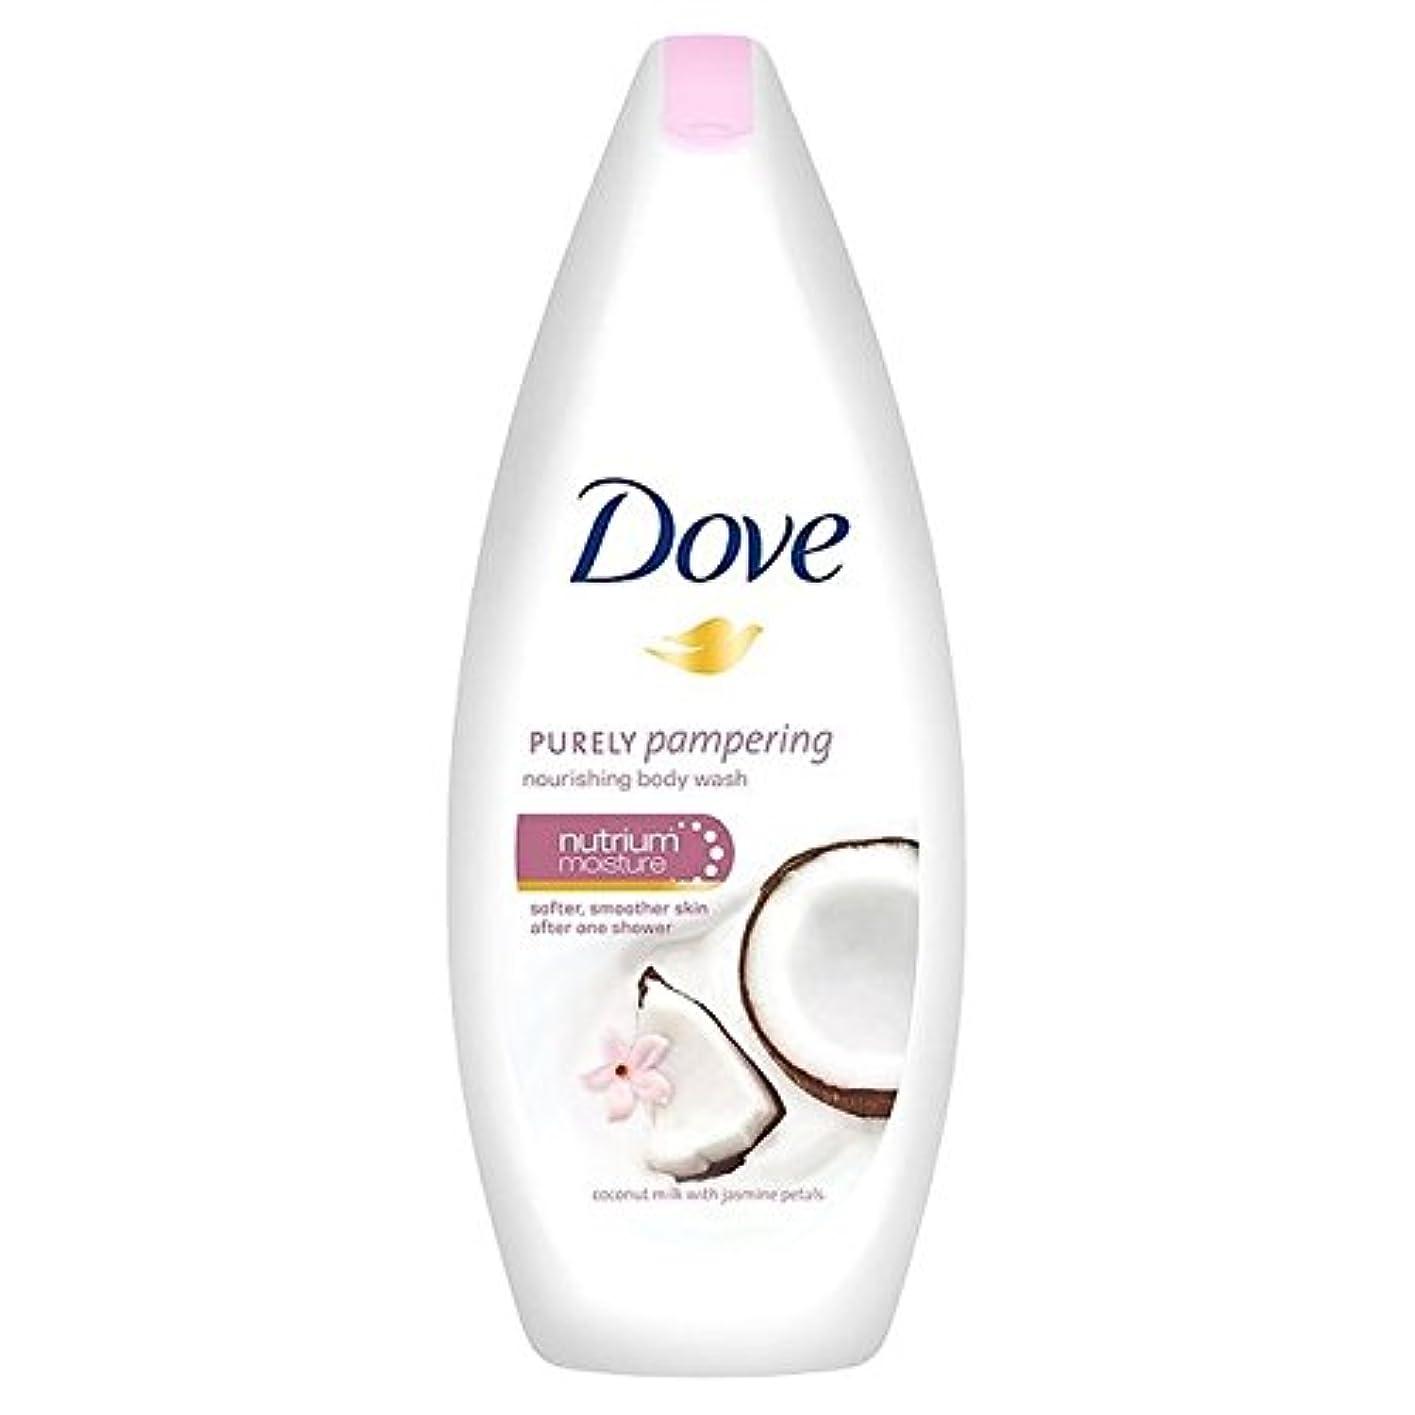 エーカーシェード入るDove Purely Pampering Coconut Body Wash 250ml (Pack of 6) - 鳩純粋に甘やかすココナッツボディウォッシュ250ミリリットル x6 [並行輸入品]